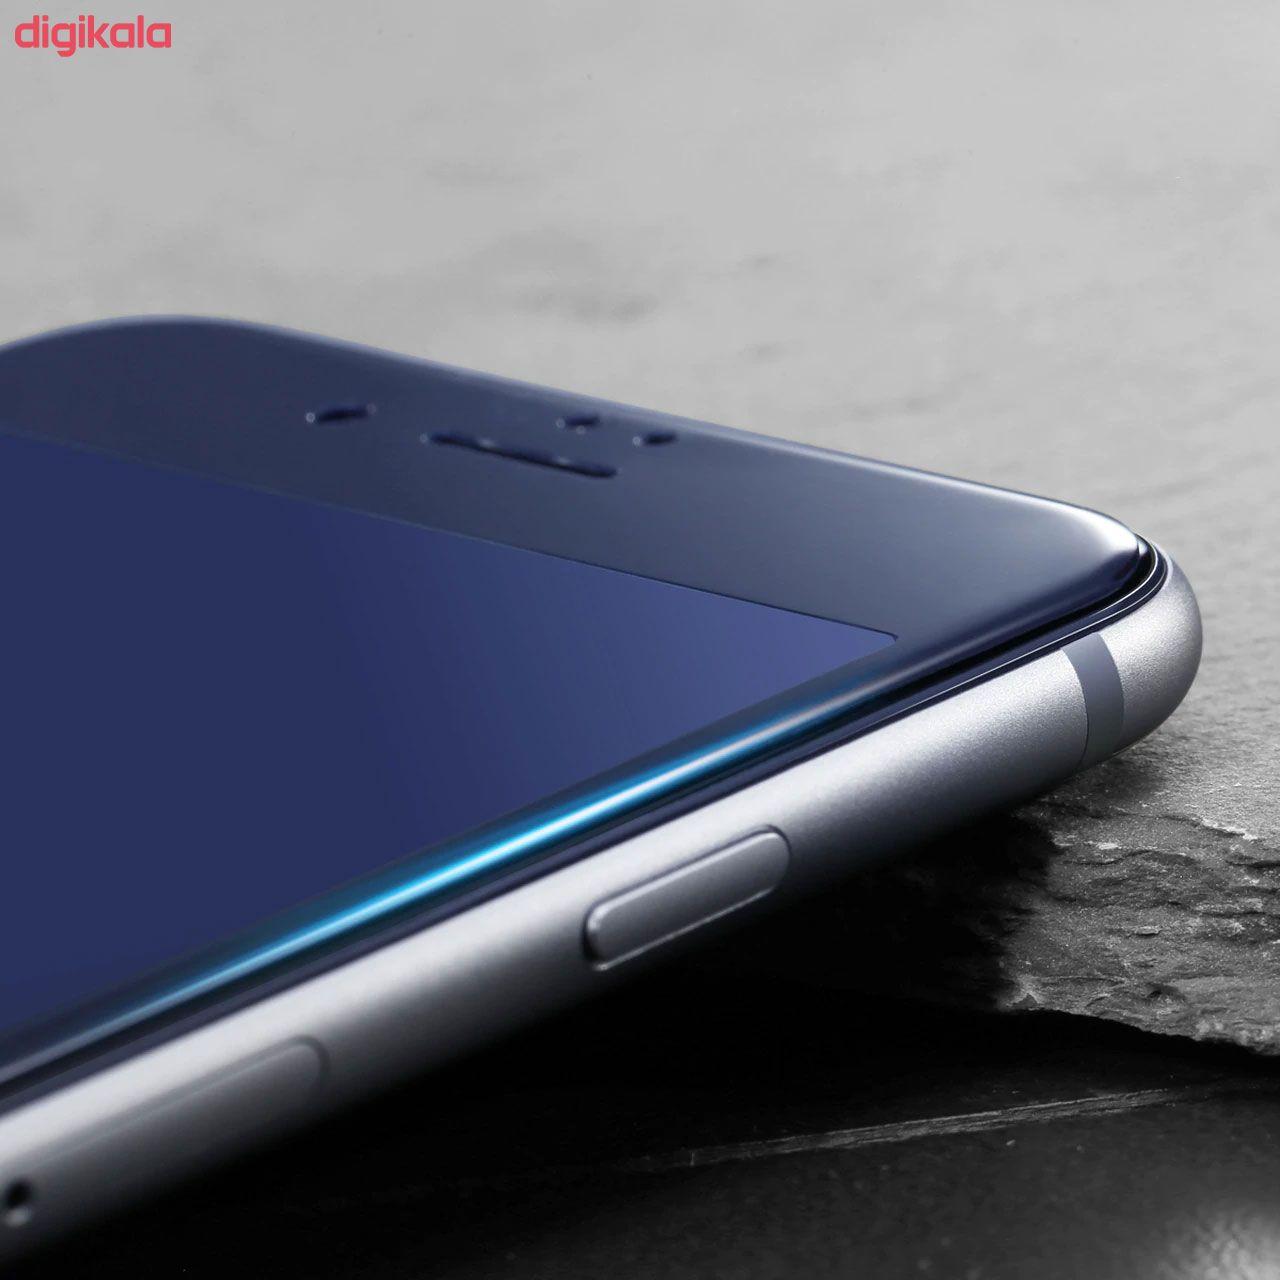 محافظ صفحه نمایش مدل FCG مناسب برای گوشی موبایل اپل iPhone 7 Plus main 1 15